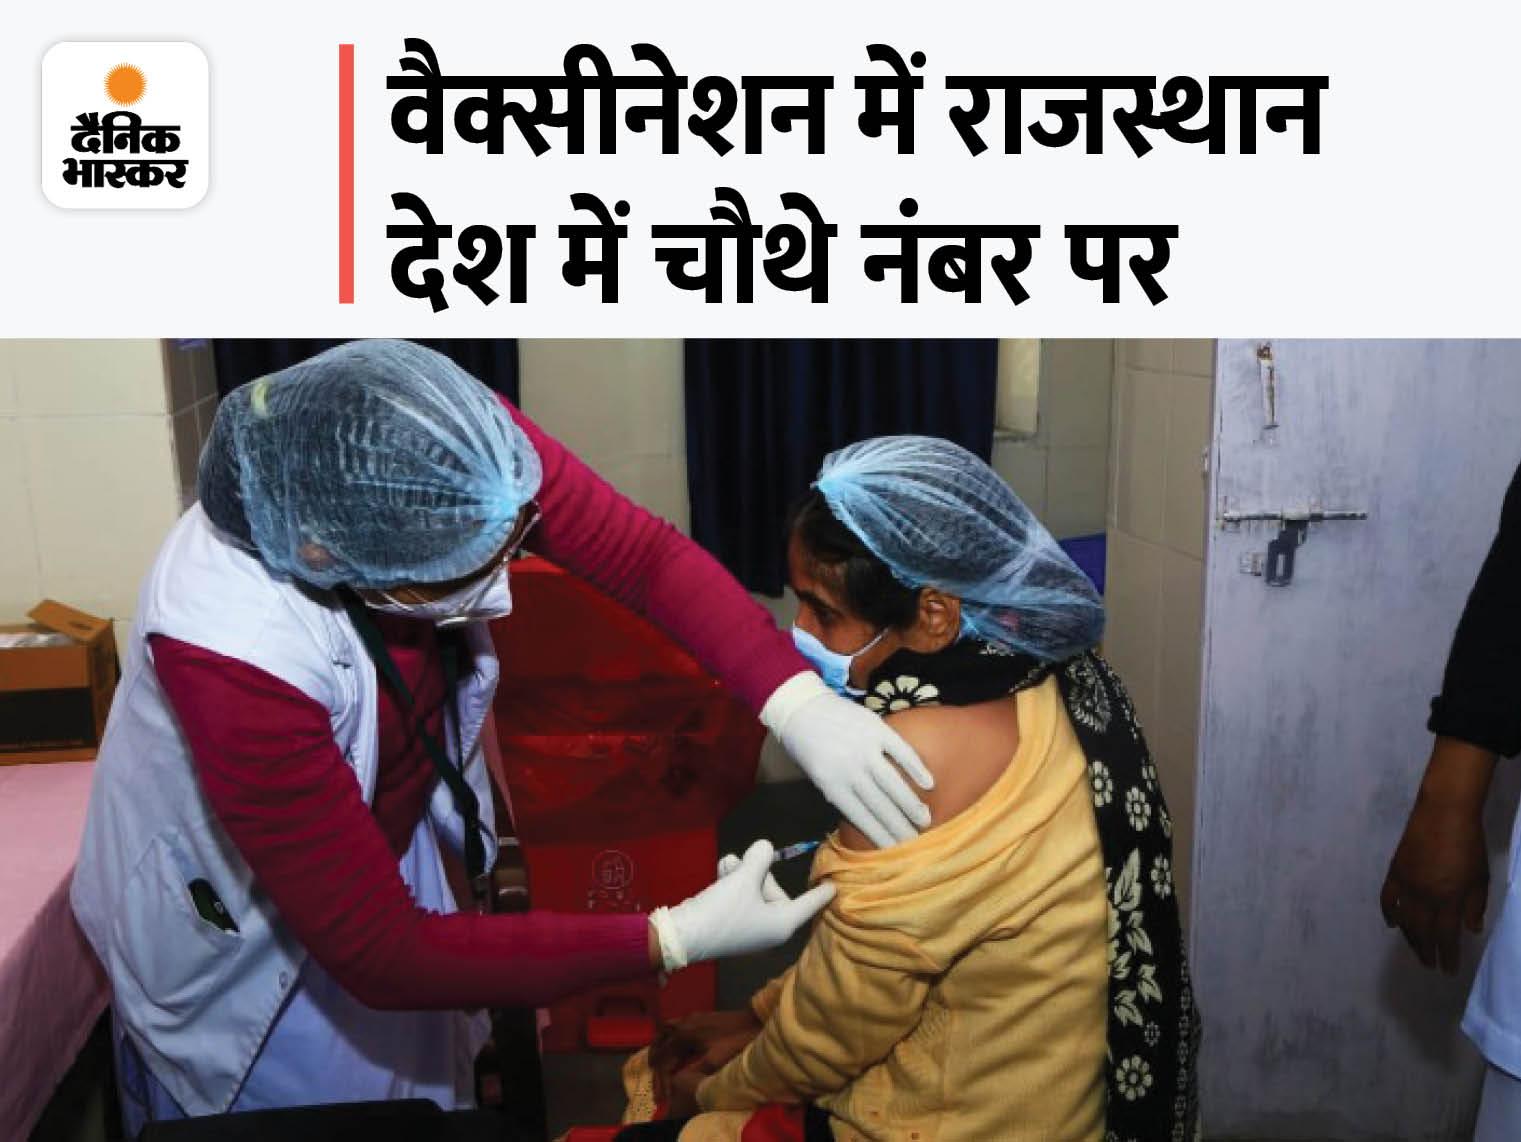 अगस्त में 25 लाख से ज्यादा लोग रह सकते हैं दूसरी डोज से वंचित; 80 लाख लोगों को लगाना है टीका, वैक्सीन मिलेगी केवल 55 लाख|राजस्थान,Rajasthan - Dainik Bhaskar